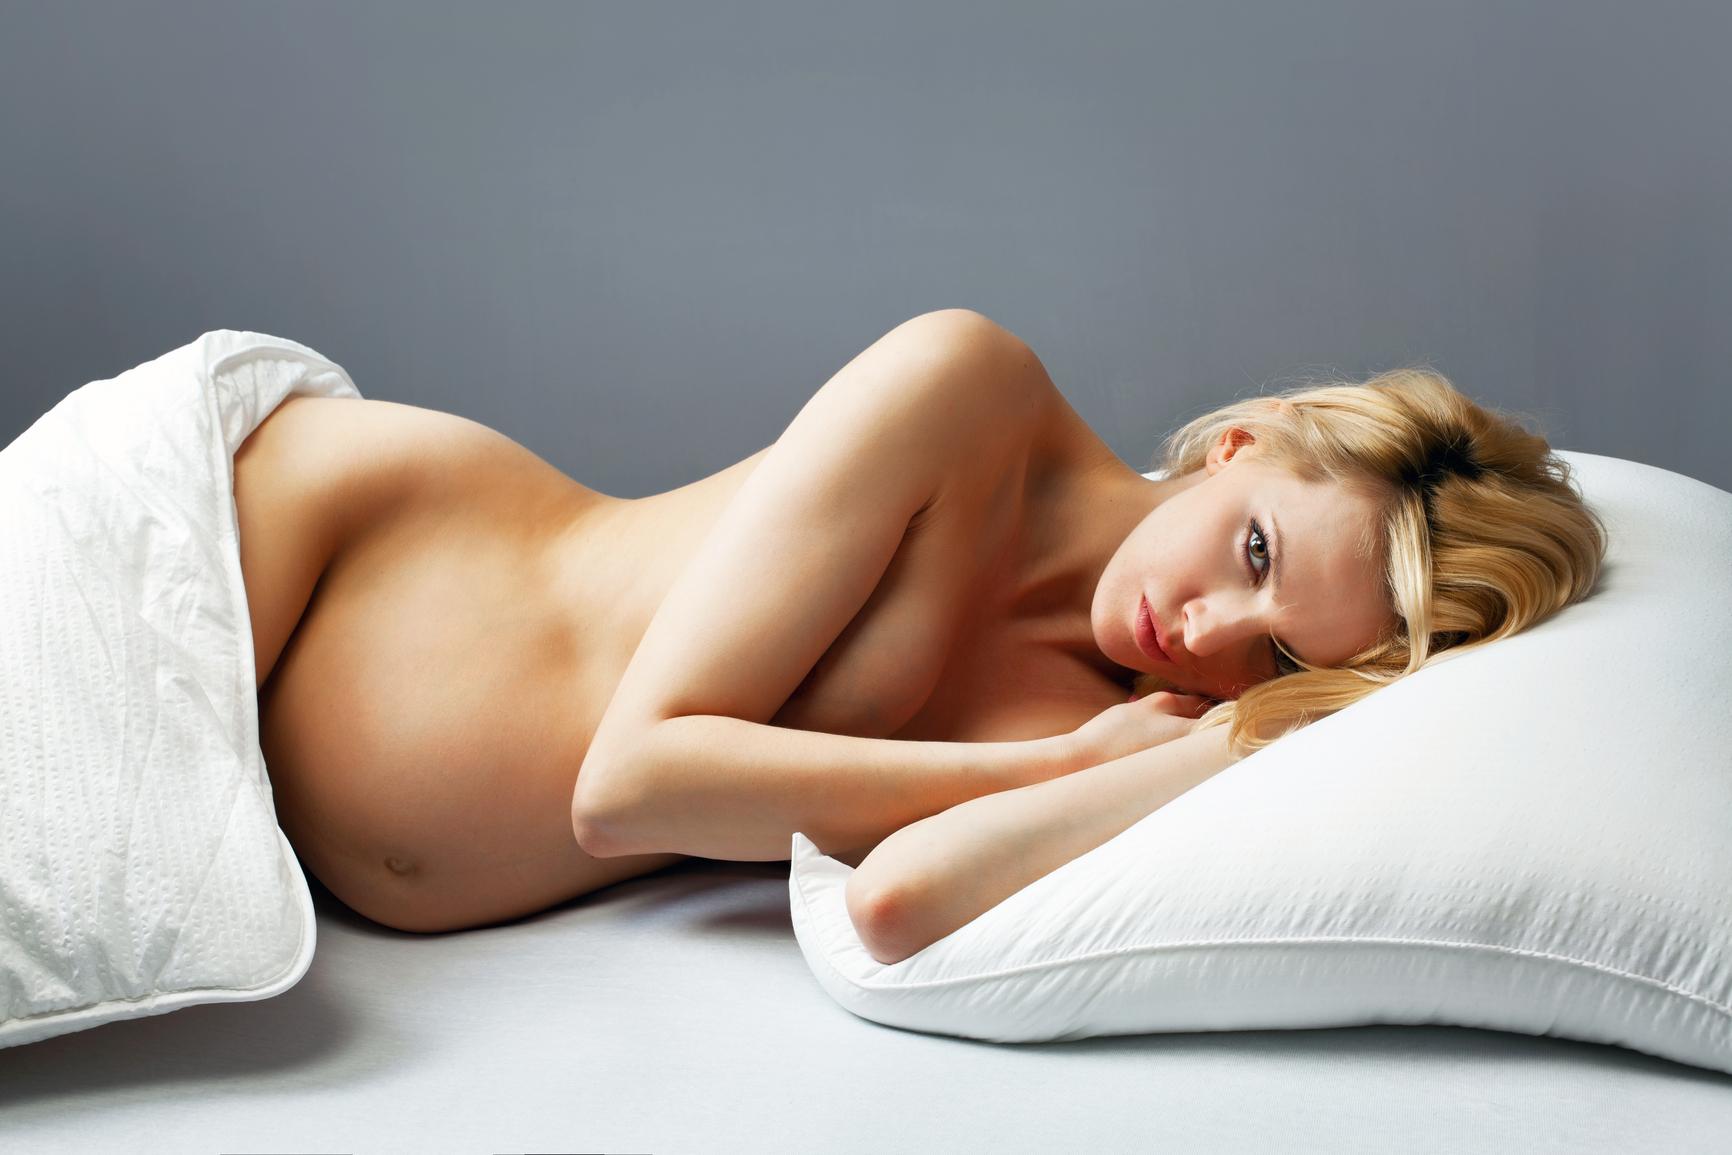 Как поза в сексе называется когда подлаживают под живот подушку